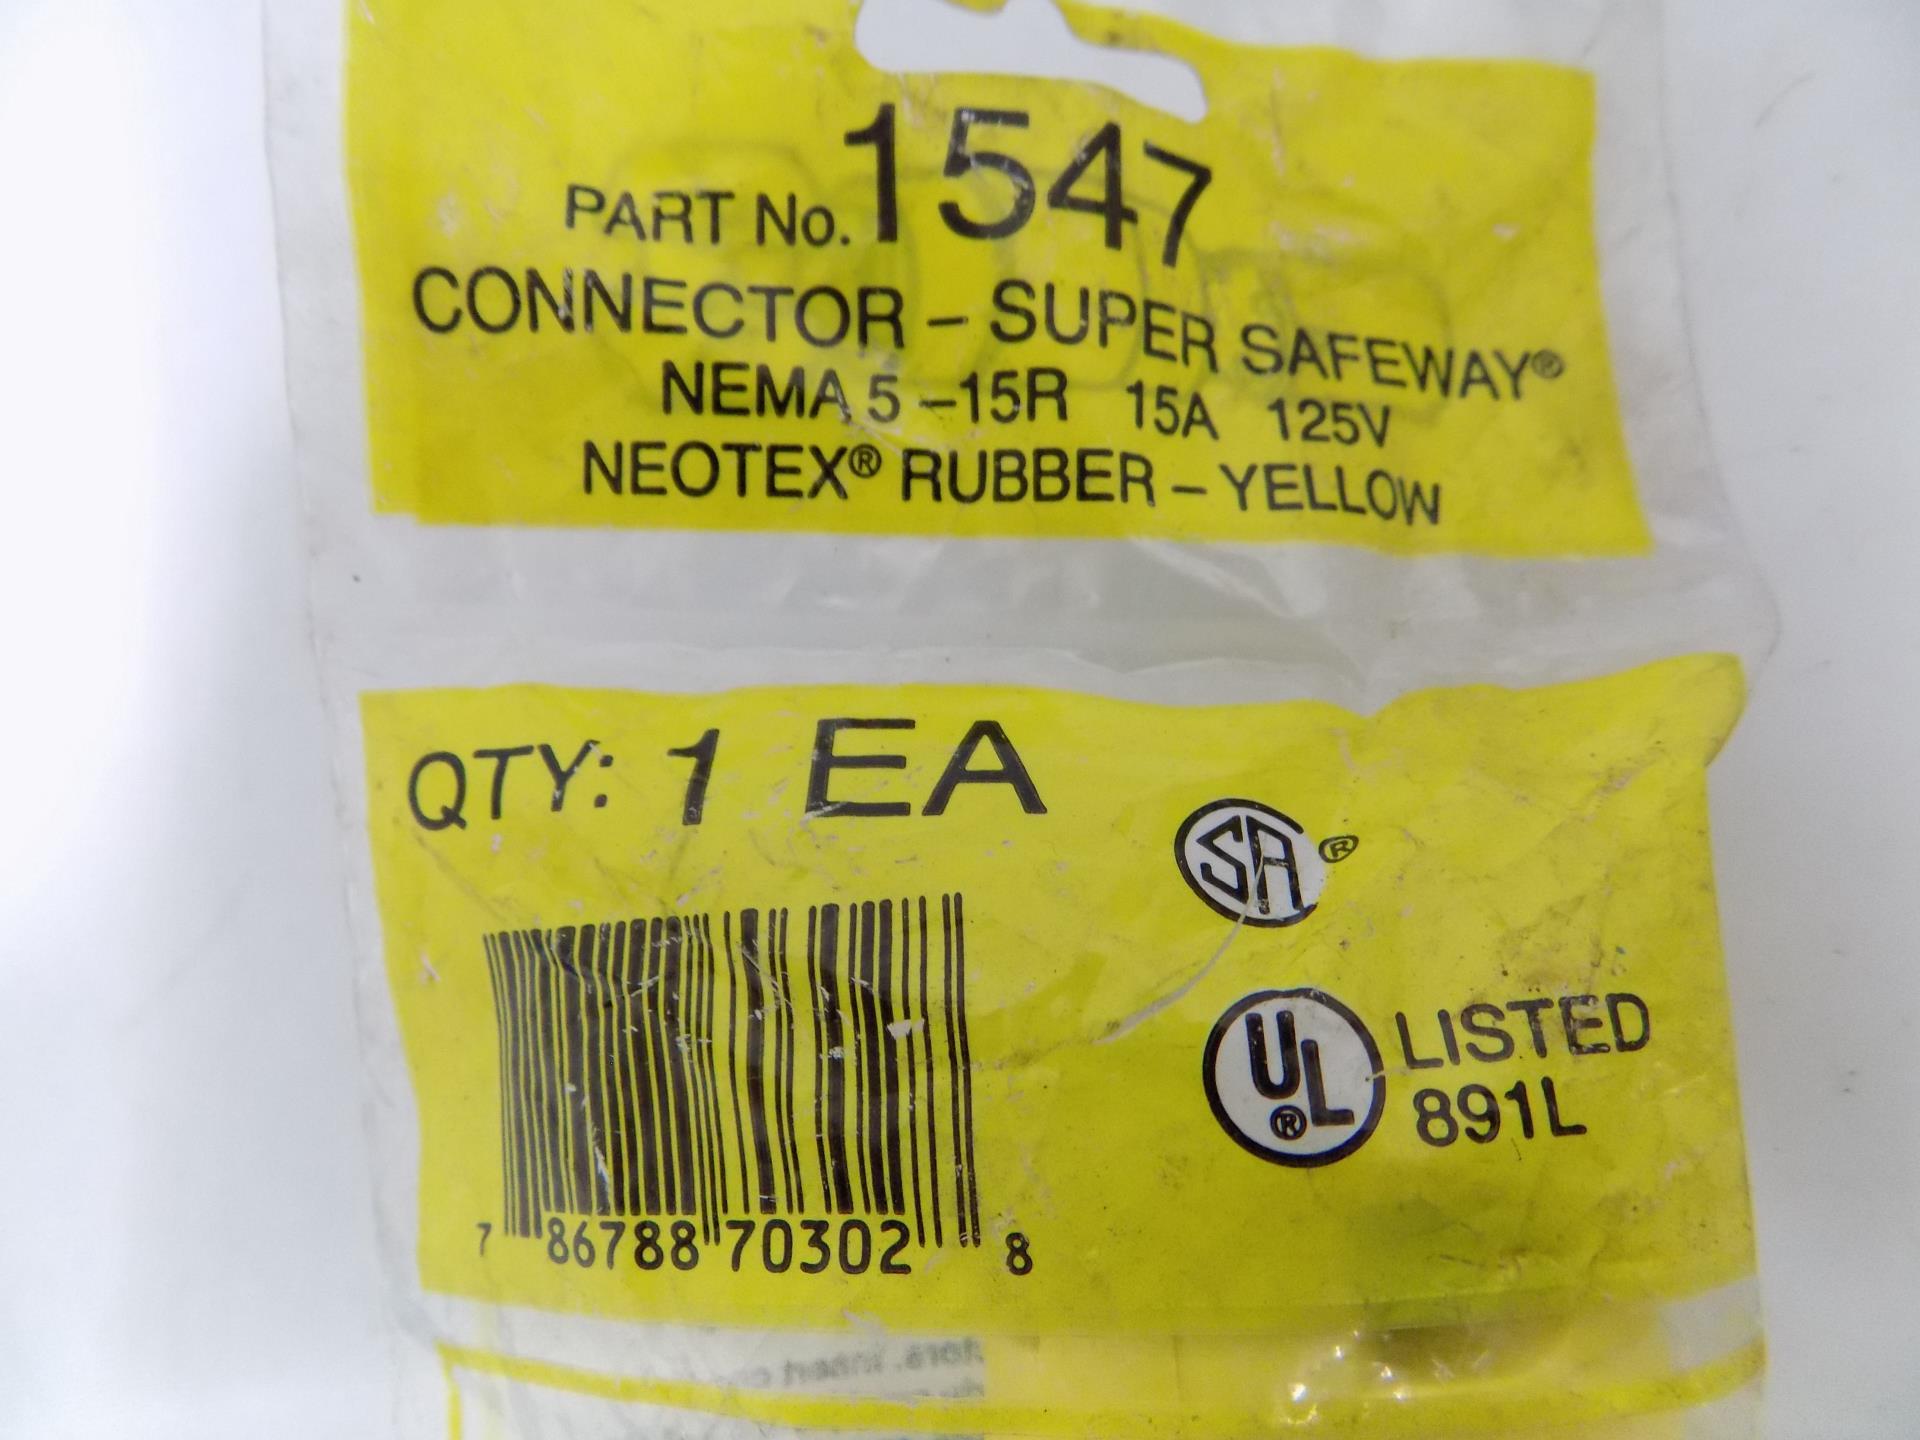 NEMA 5-15R -NEW-B 125 Volt Cord Connectors Box of 10 Woodhead 1547 15 Amp